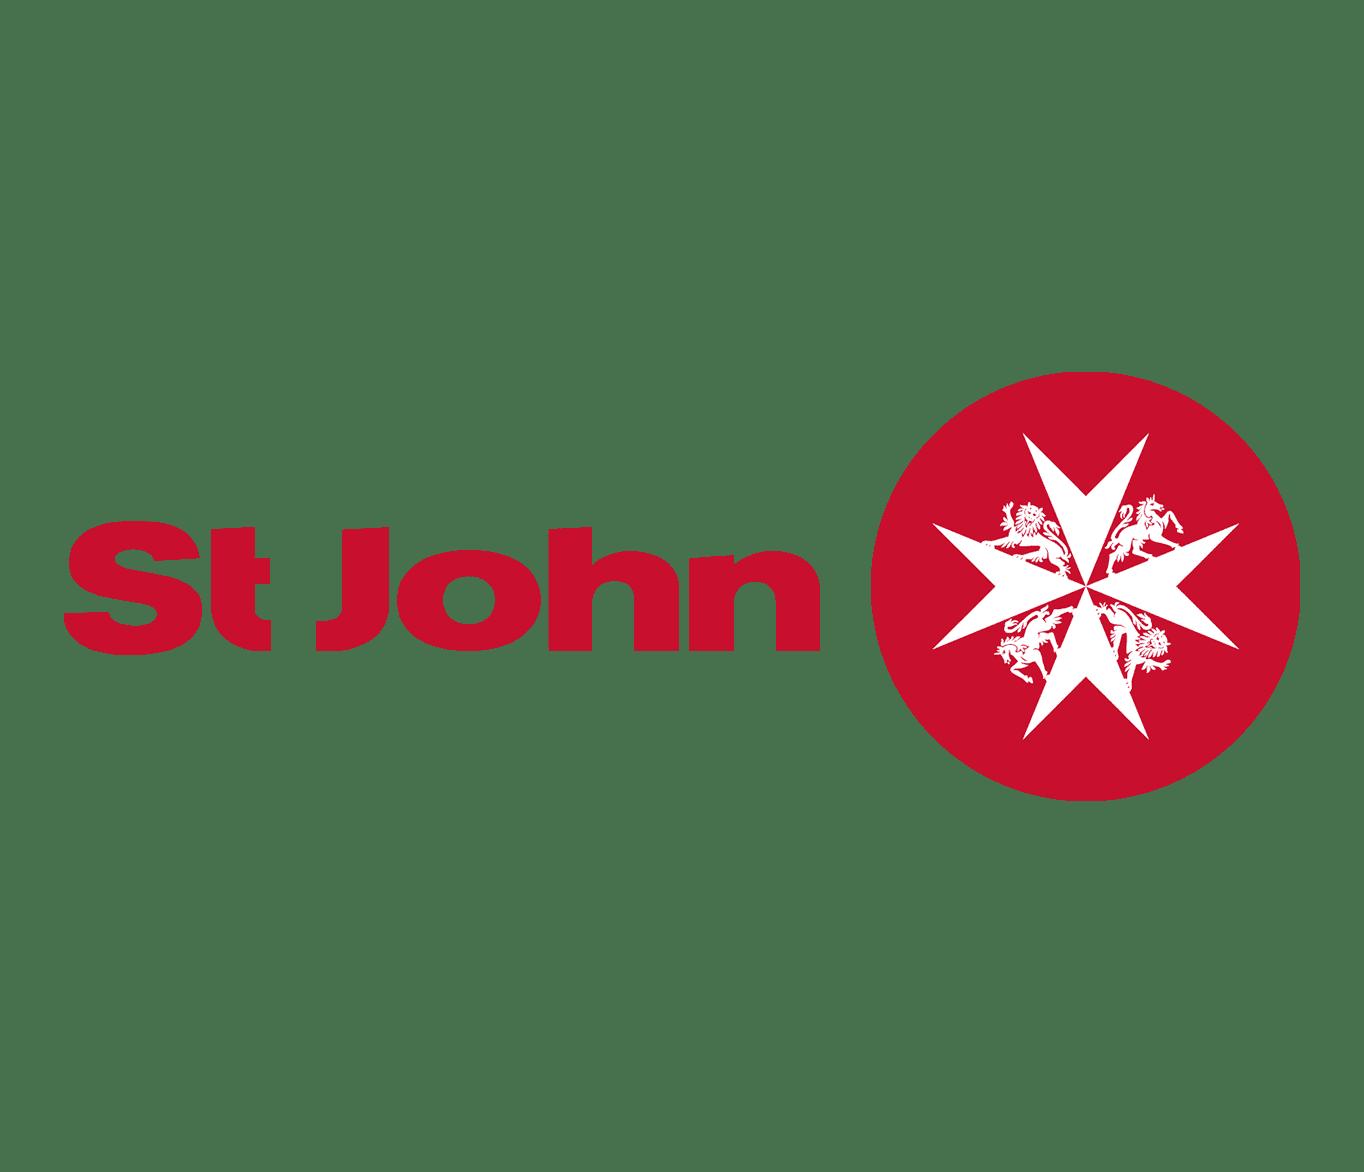 St John Ambulance Service